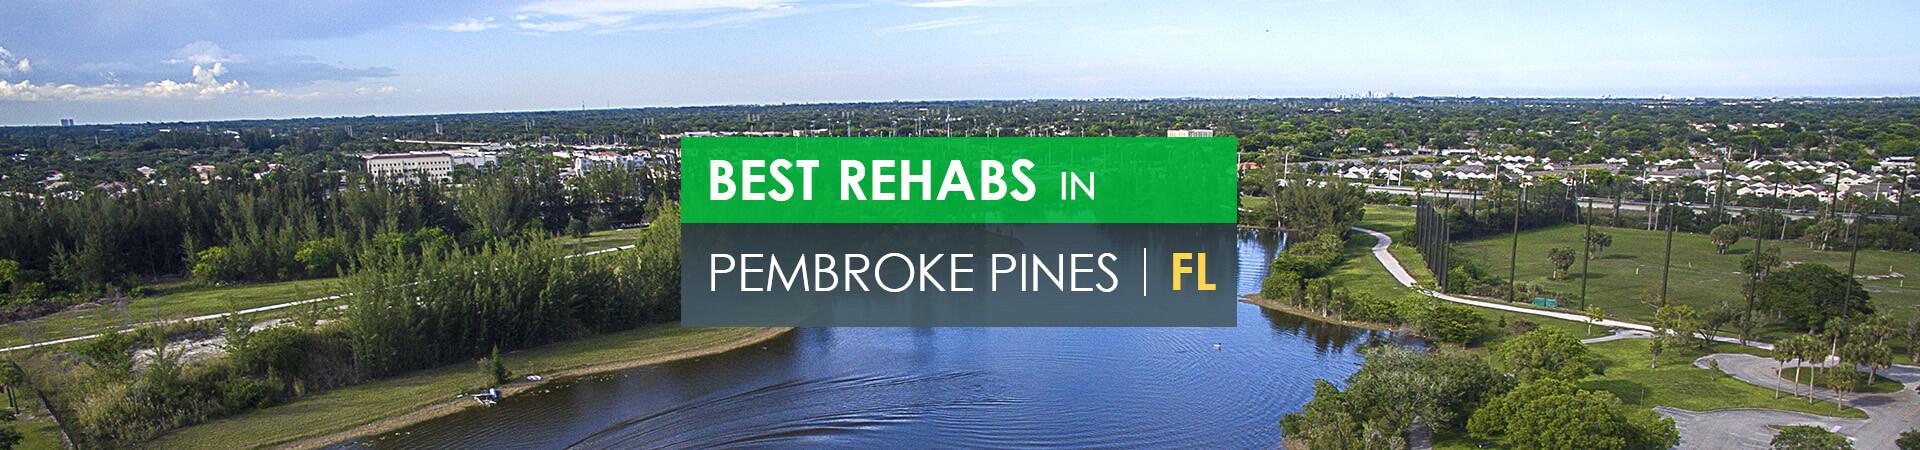 Best rehabs in Pembroke Pines, FL